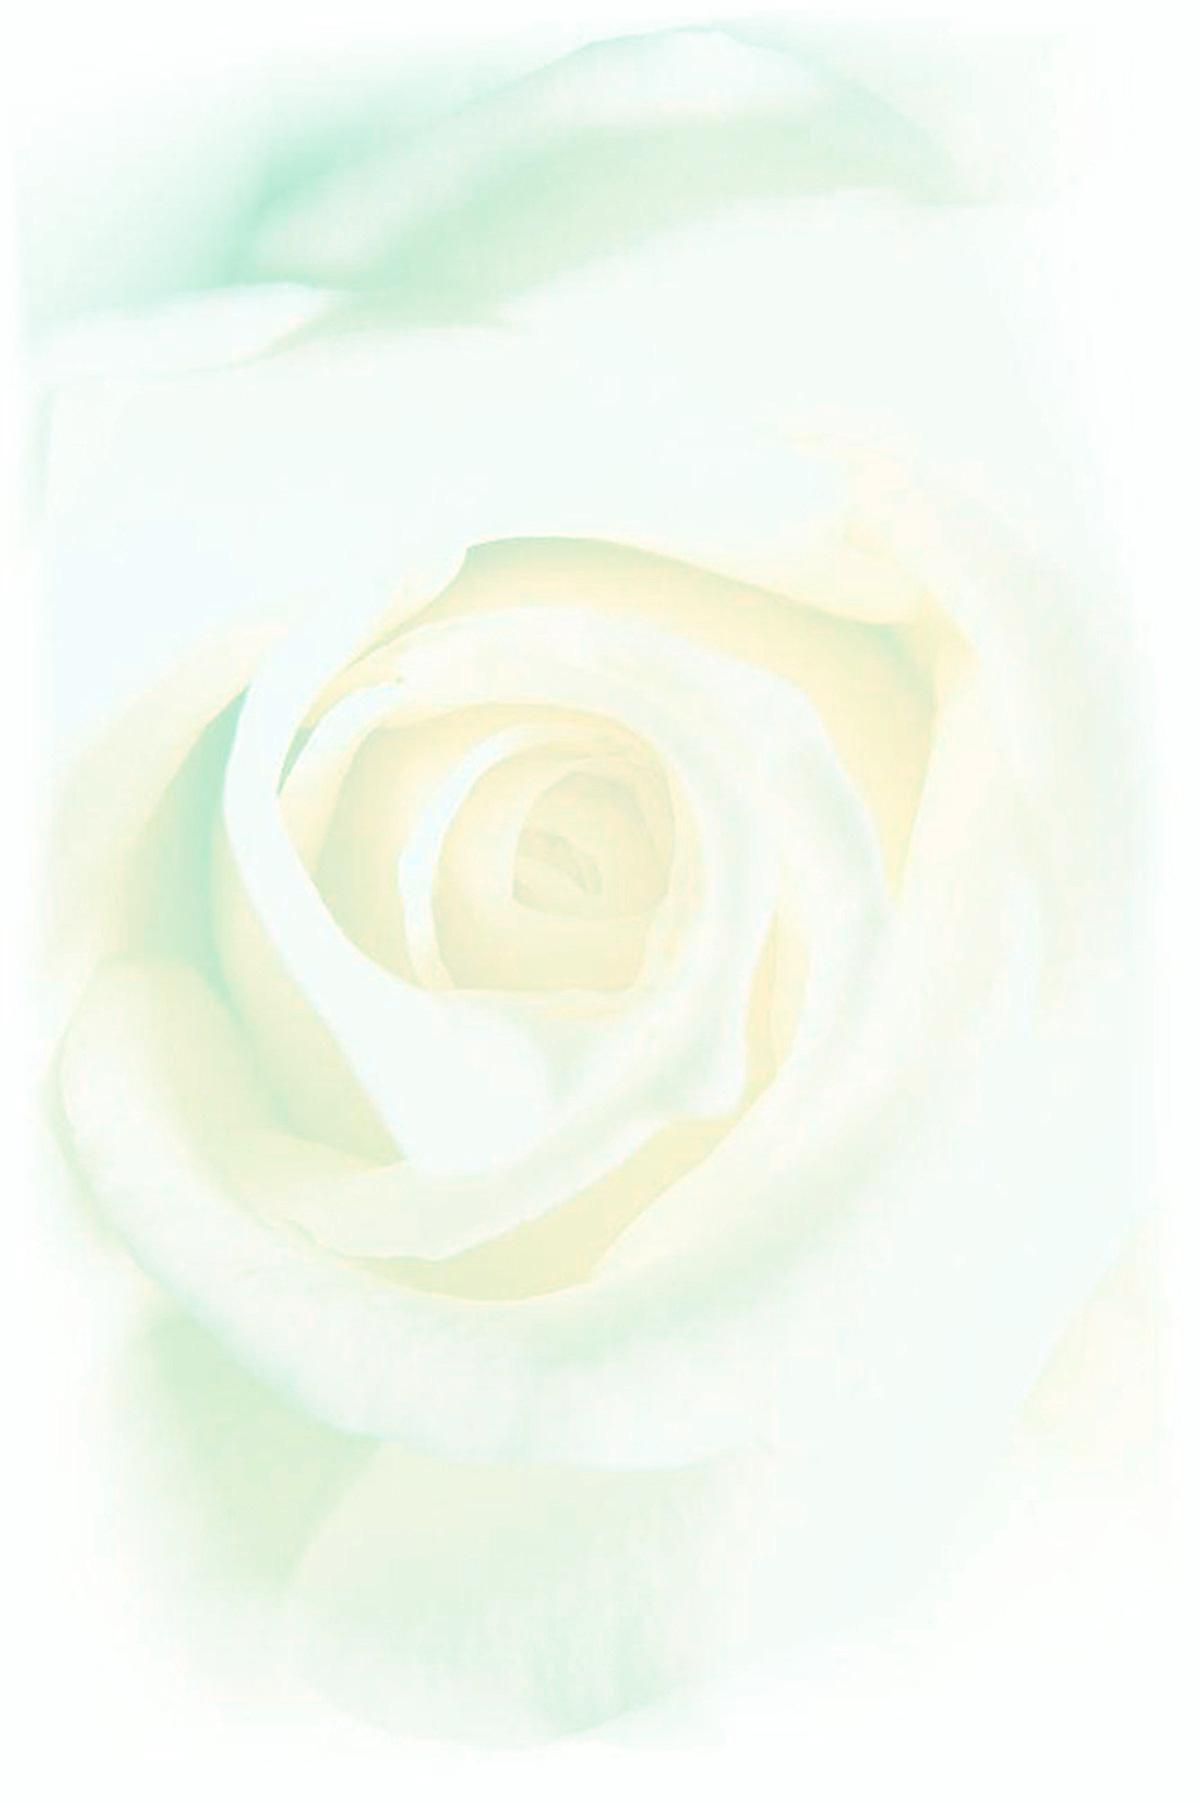 Silberhochzeit Sprüche Hochzeitszeitung Geschenke Pictures